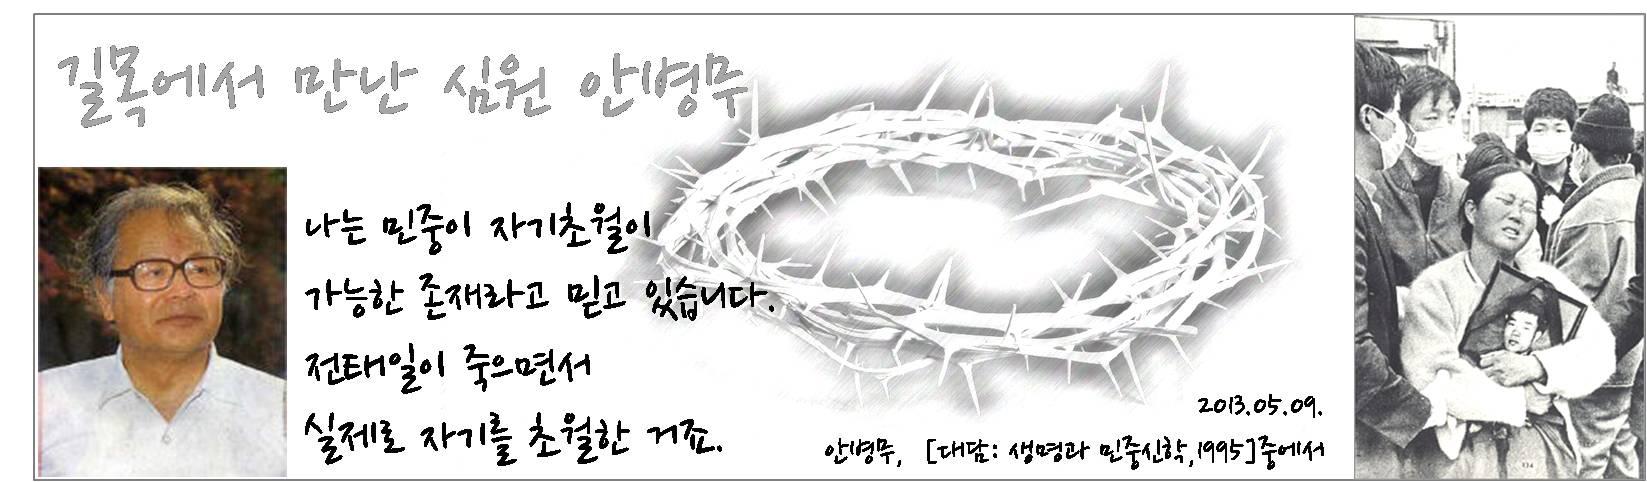 길목에서 만난 심원 안병무 - 2013-05-09.jpg